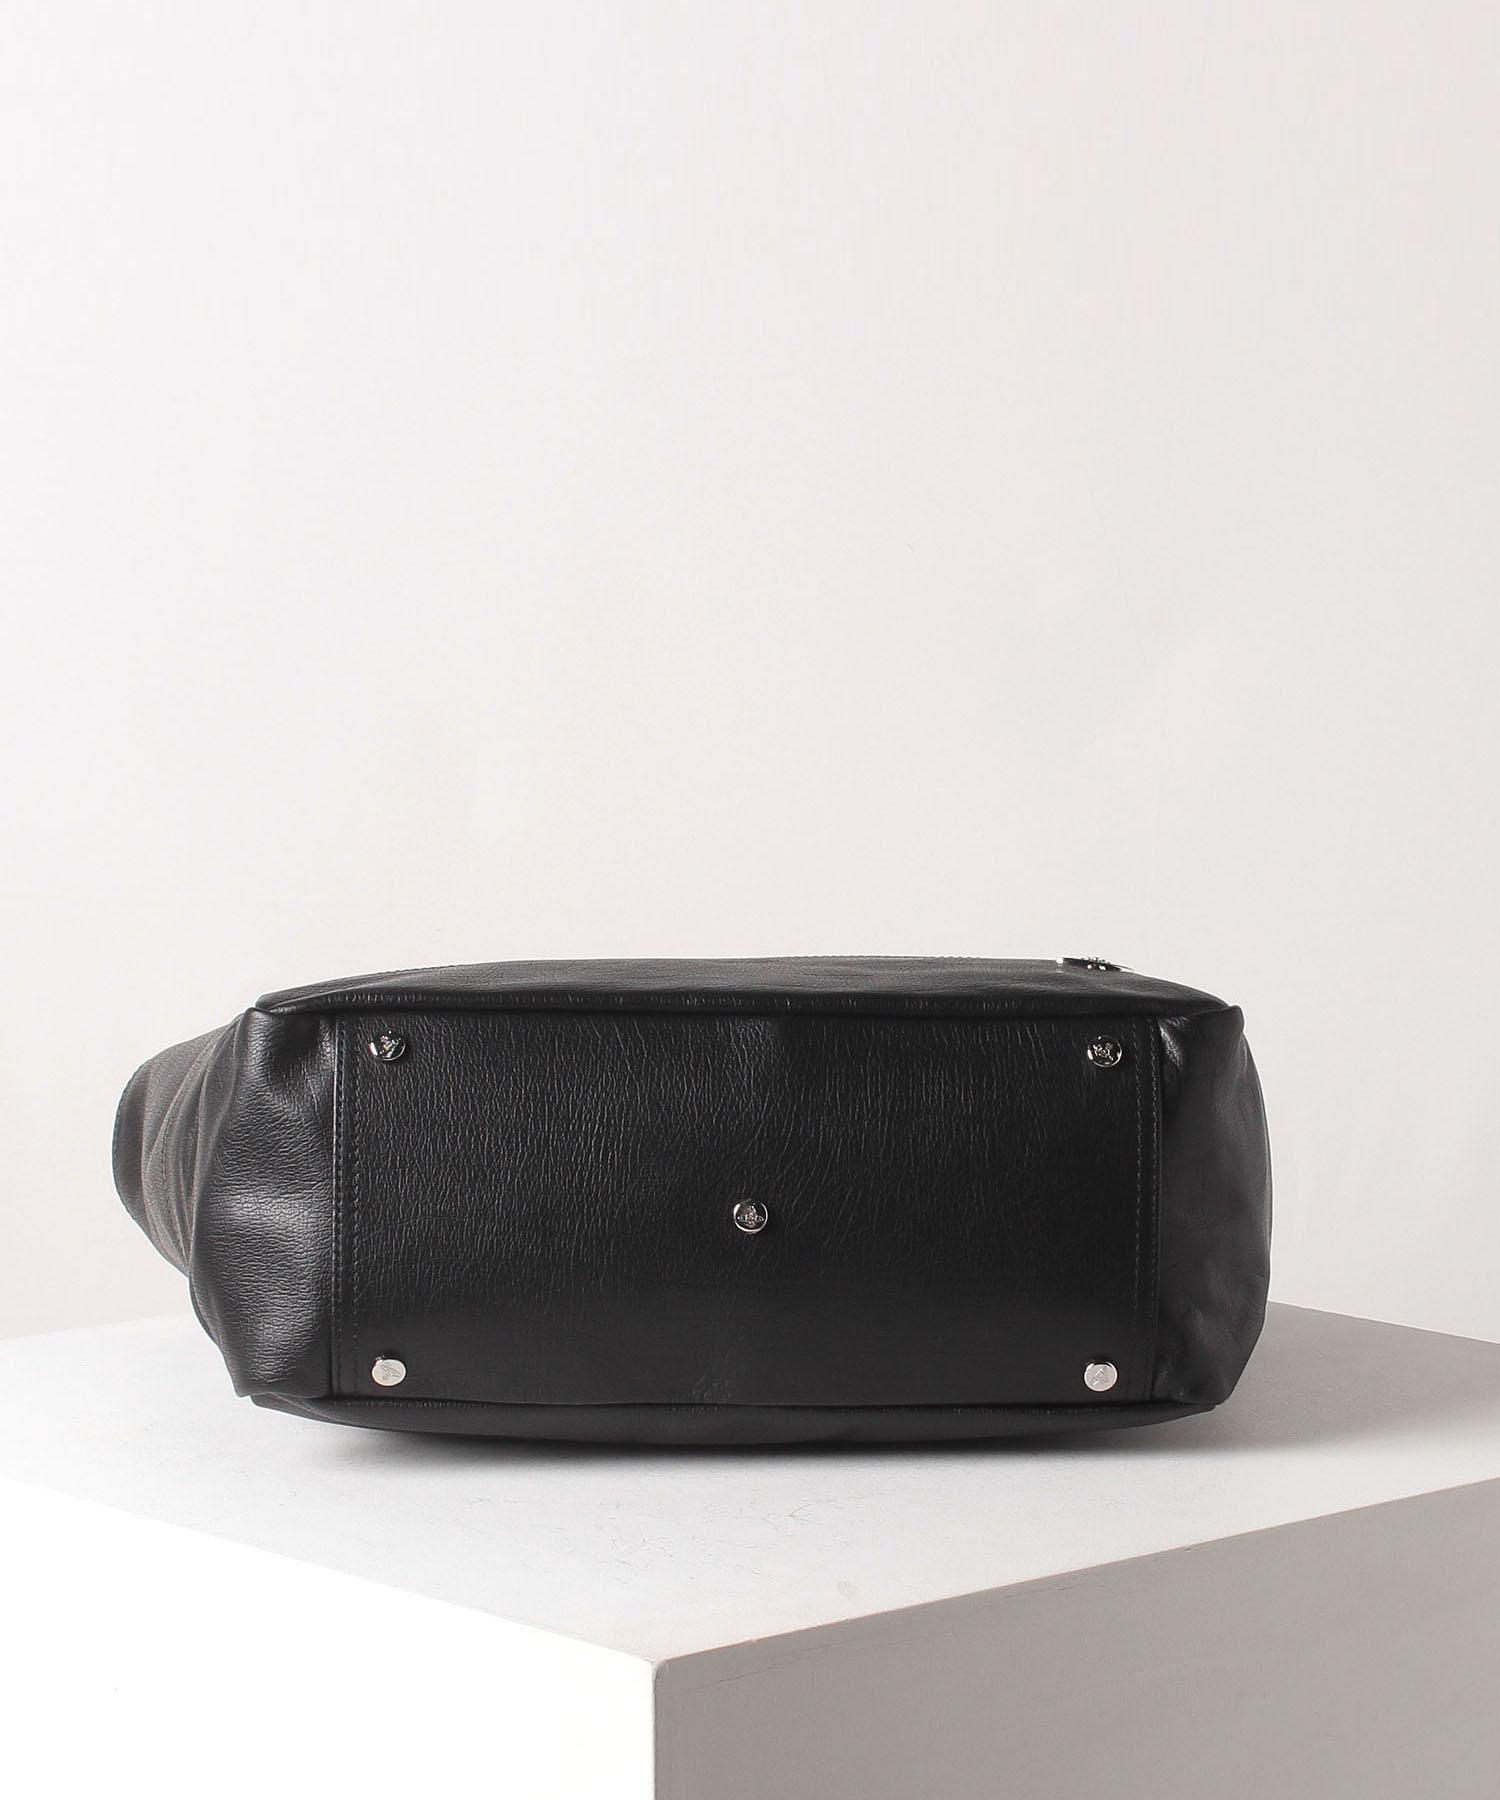 アセットレザー メンズ横型トートバッグ